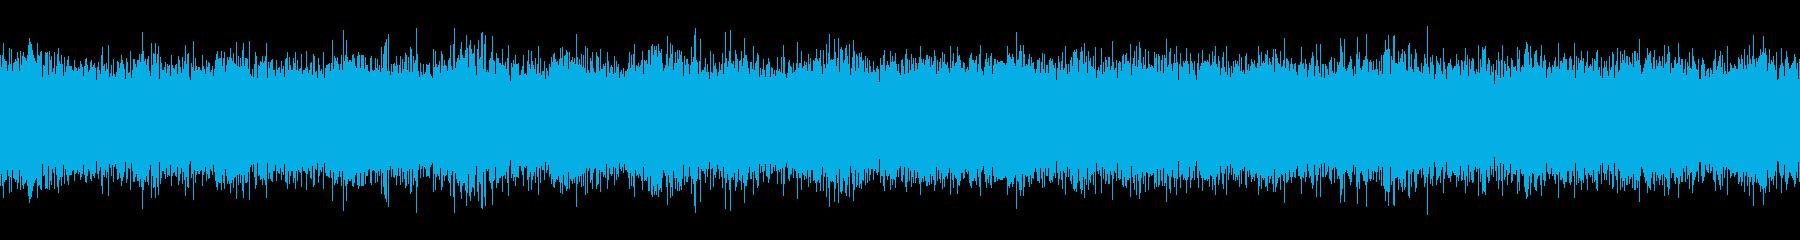 (ビュー)強風_吹雪_台風_ループ_03の再生済みの波形